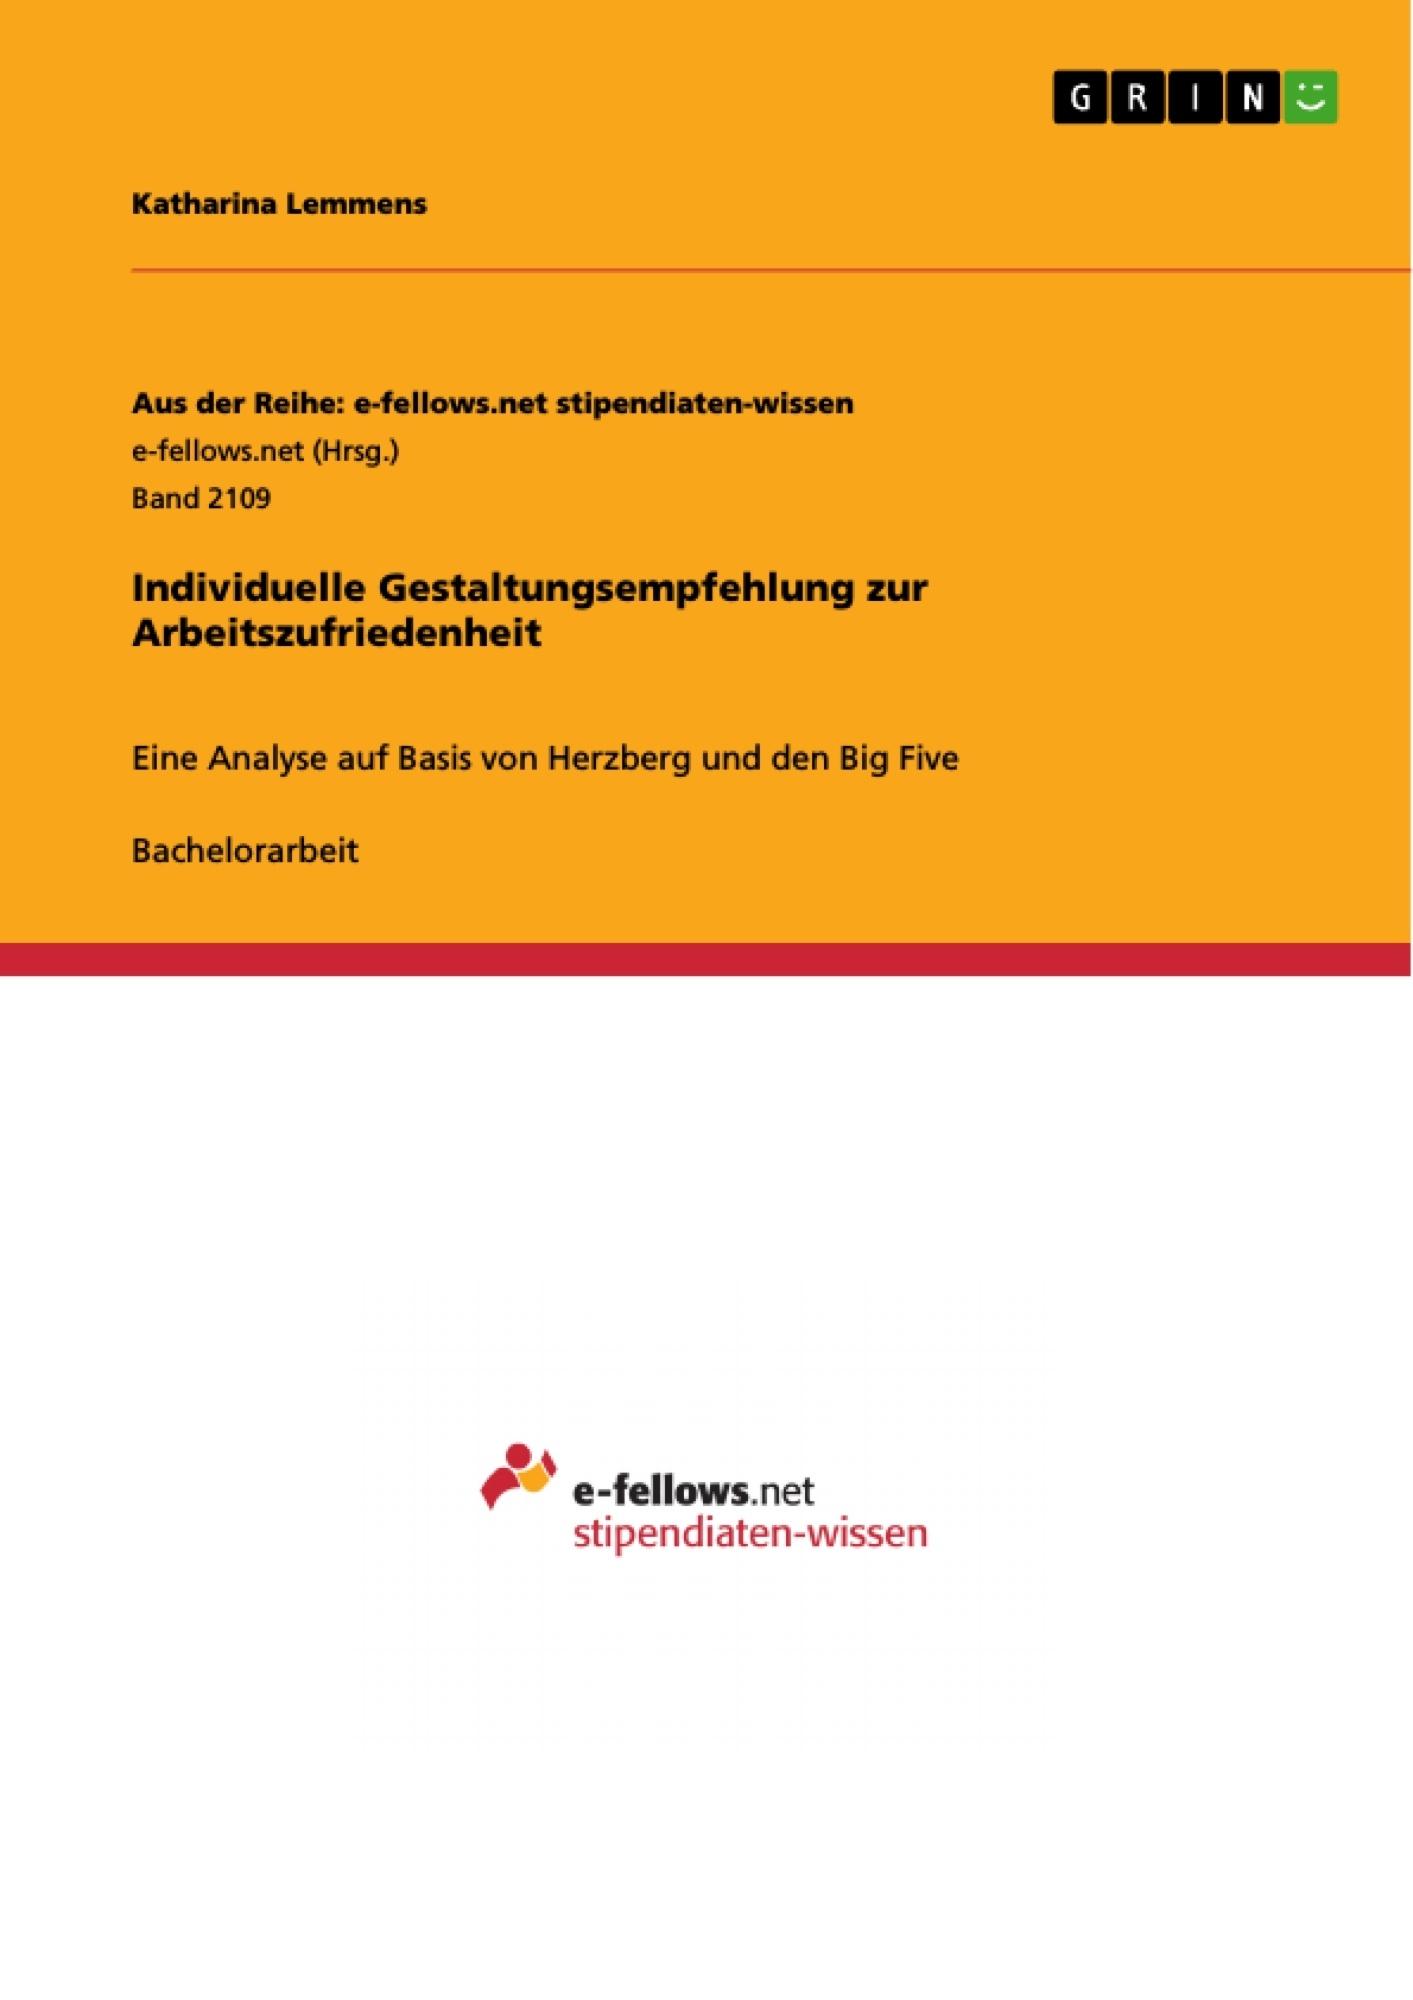 Titel: Individuelle Gestaltungsempfehlung zur Arbeitszufriedenheit